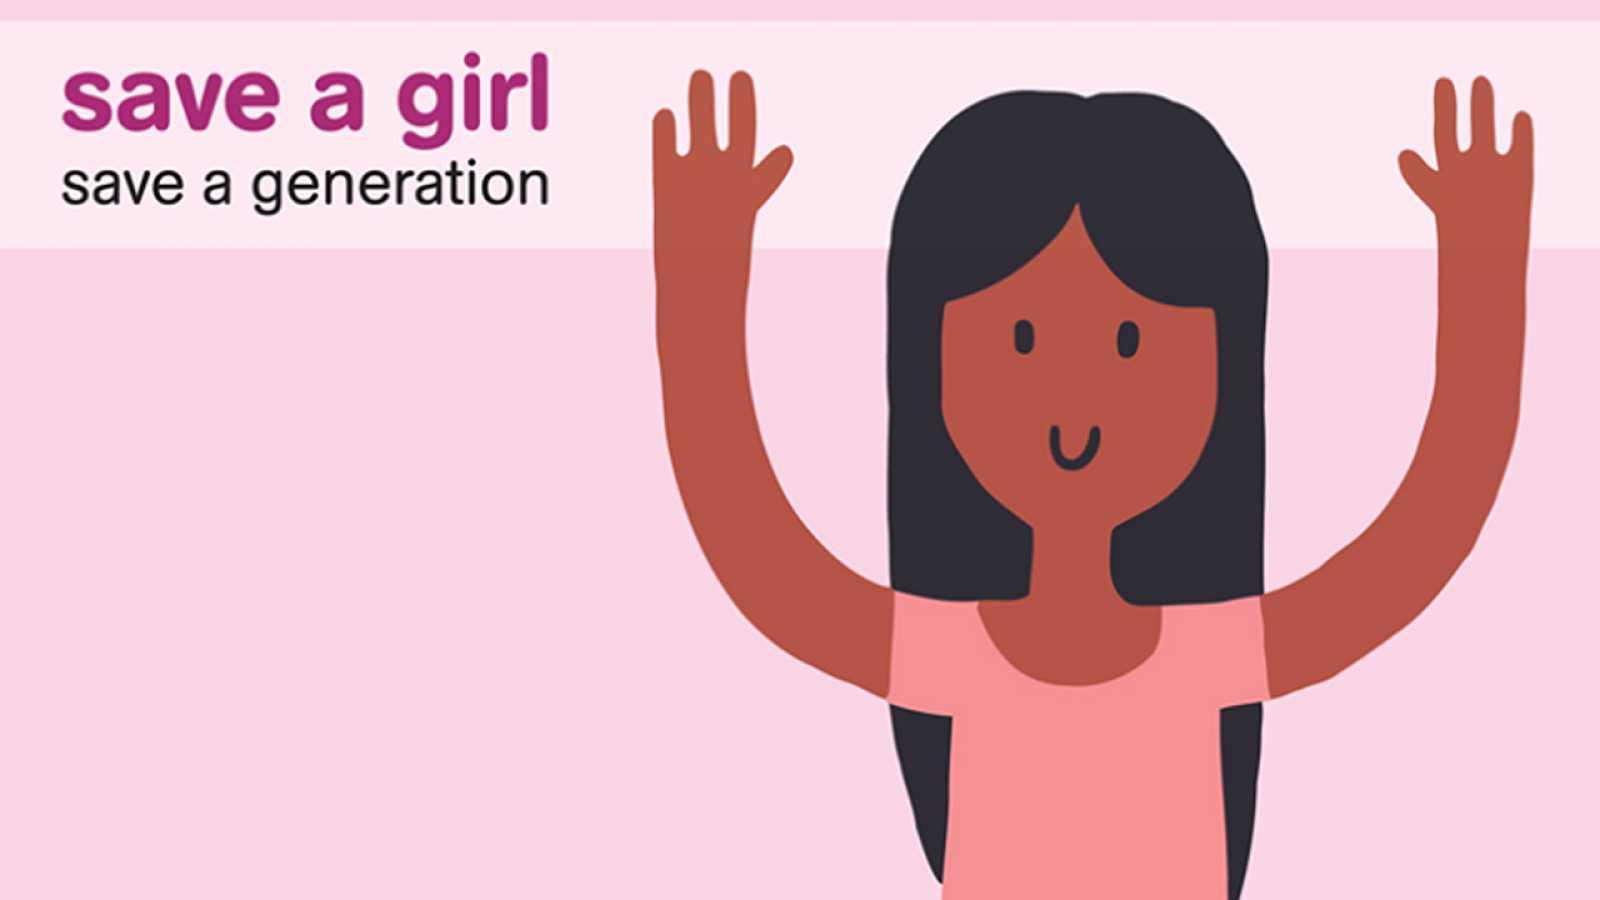 2bed396641361 Coordenadas - Save a girl save a generation - 06 02 17 - escuchar  reproducir audio